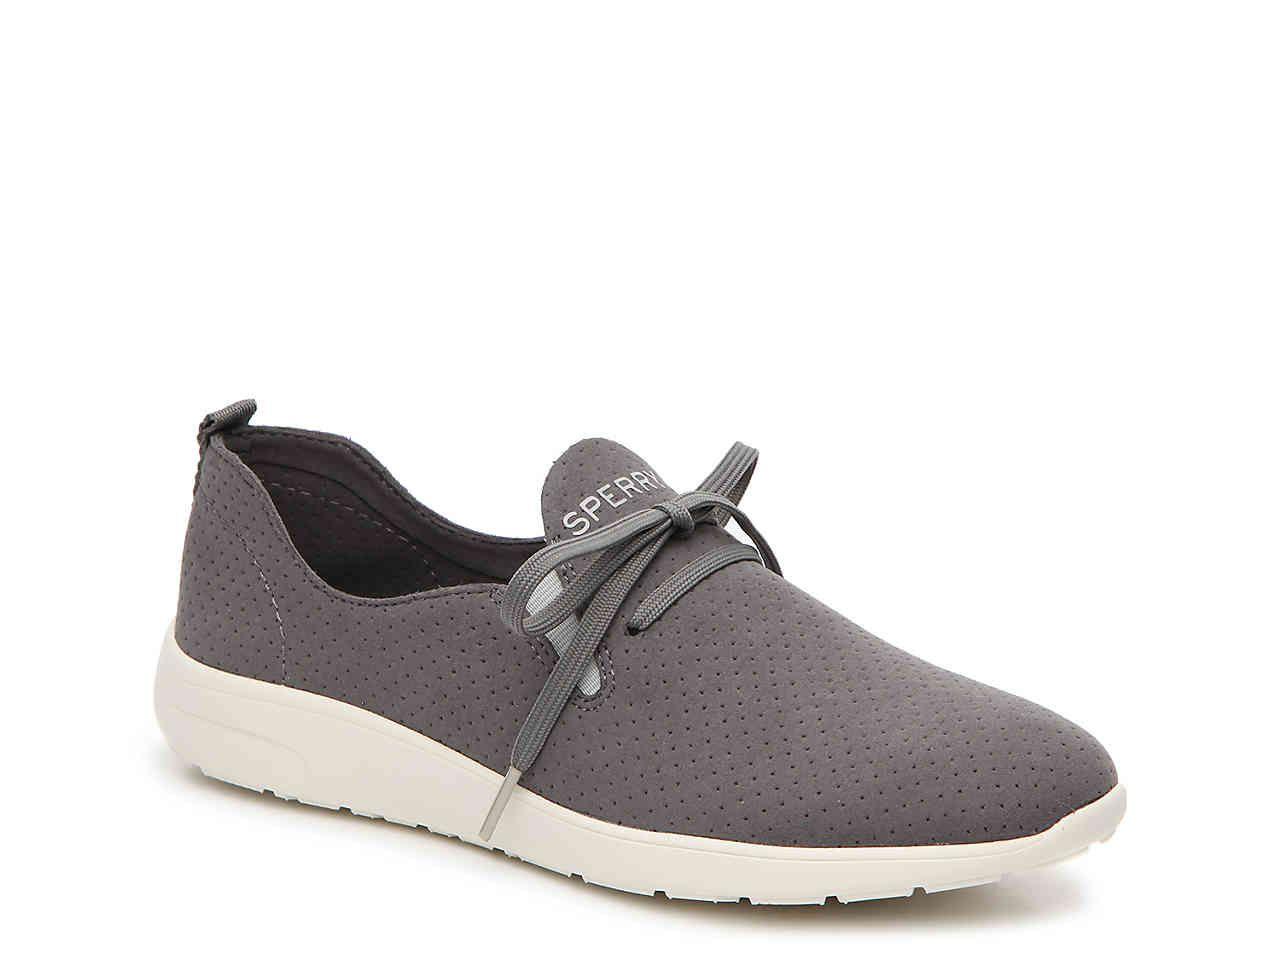 Sperry Rio Aqua Slip-On Sneaker   Slip